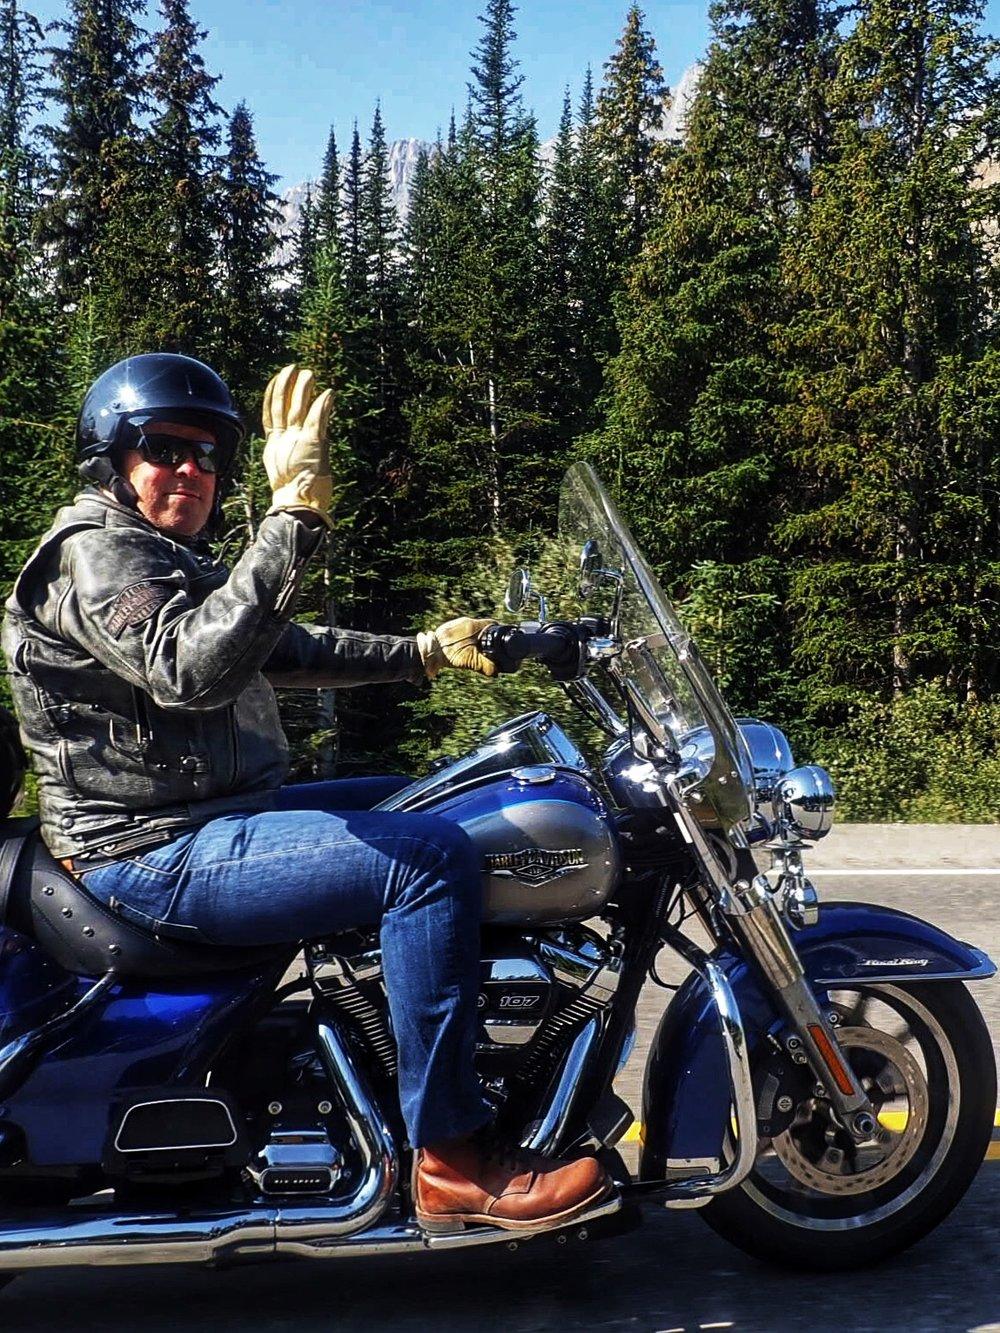 HINTA - • Kuljettaja | 3890€• Matkustaja | 2590€• BMW 1200GS tai vastaava | + 250€• Harley-Davidson | + 250€• 1hengen huone | +500€